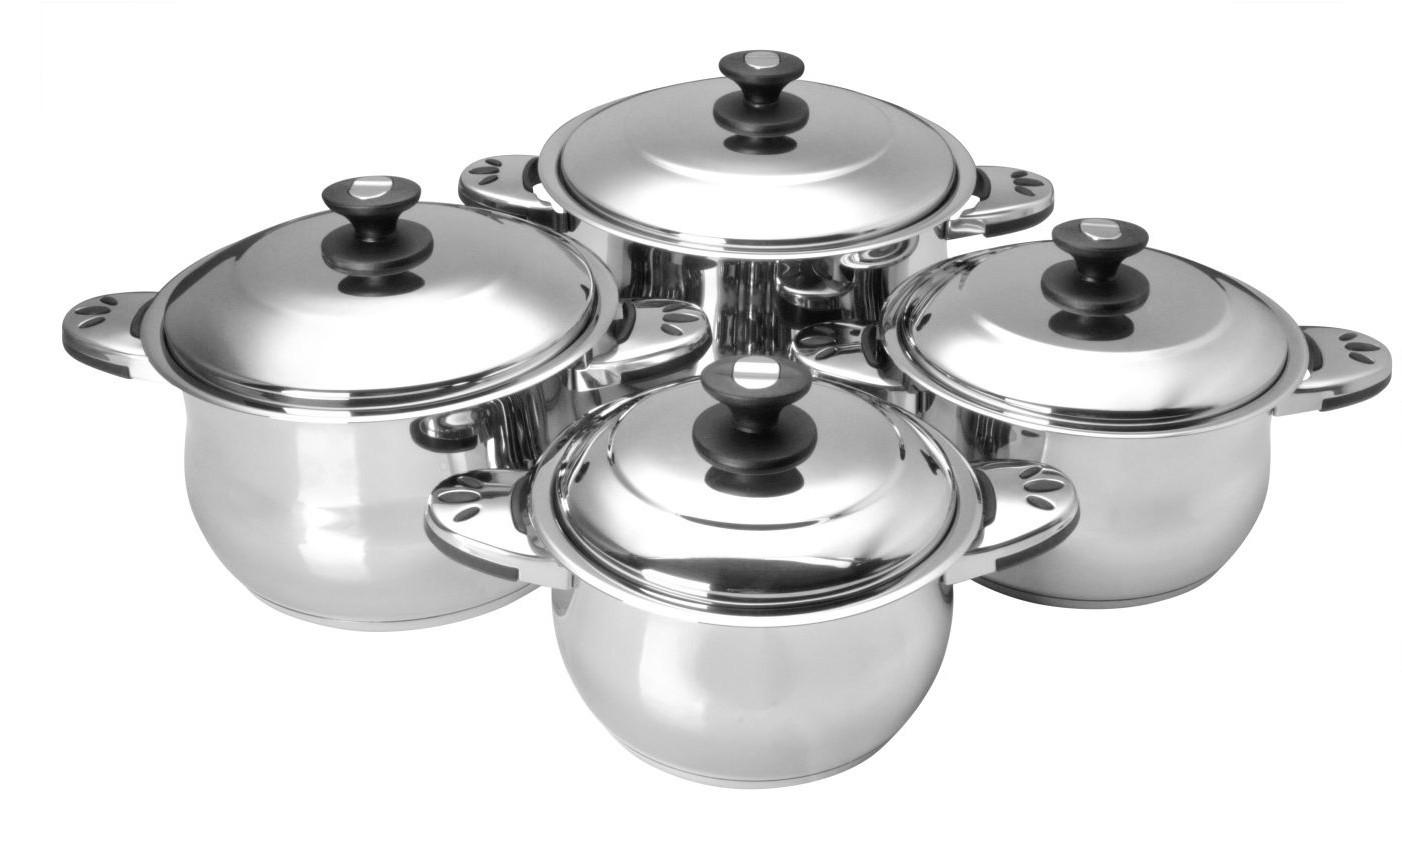 Sa 12055 de acero inoxidable utensilios de cocina Articulos de cocina de acero inoxidable